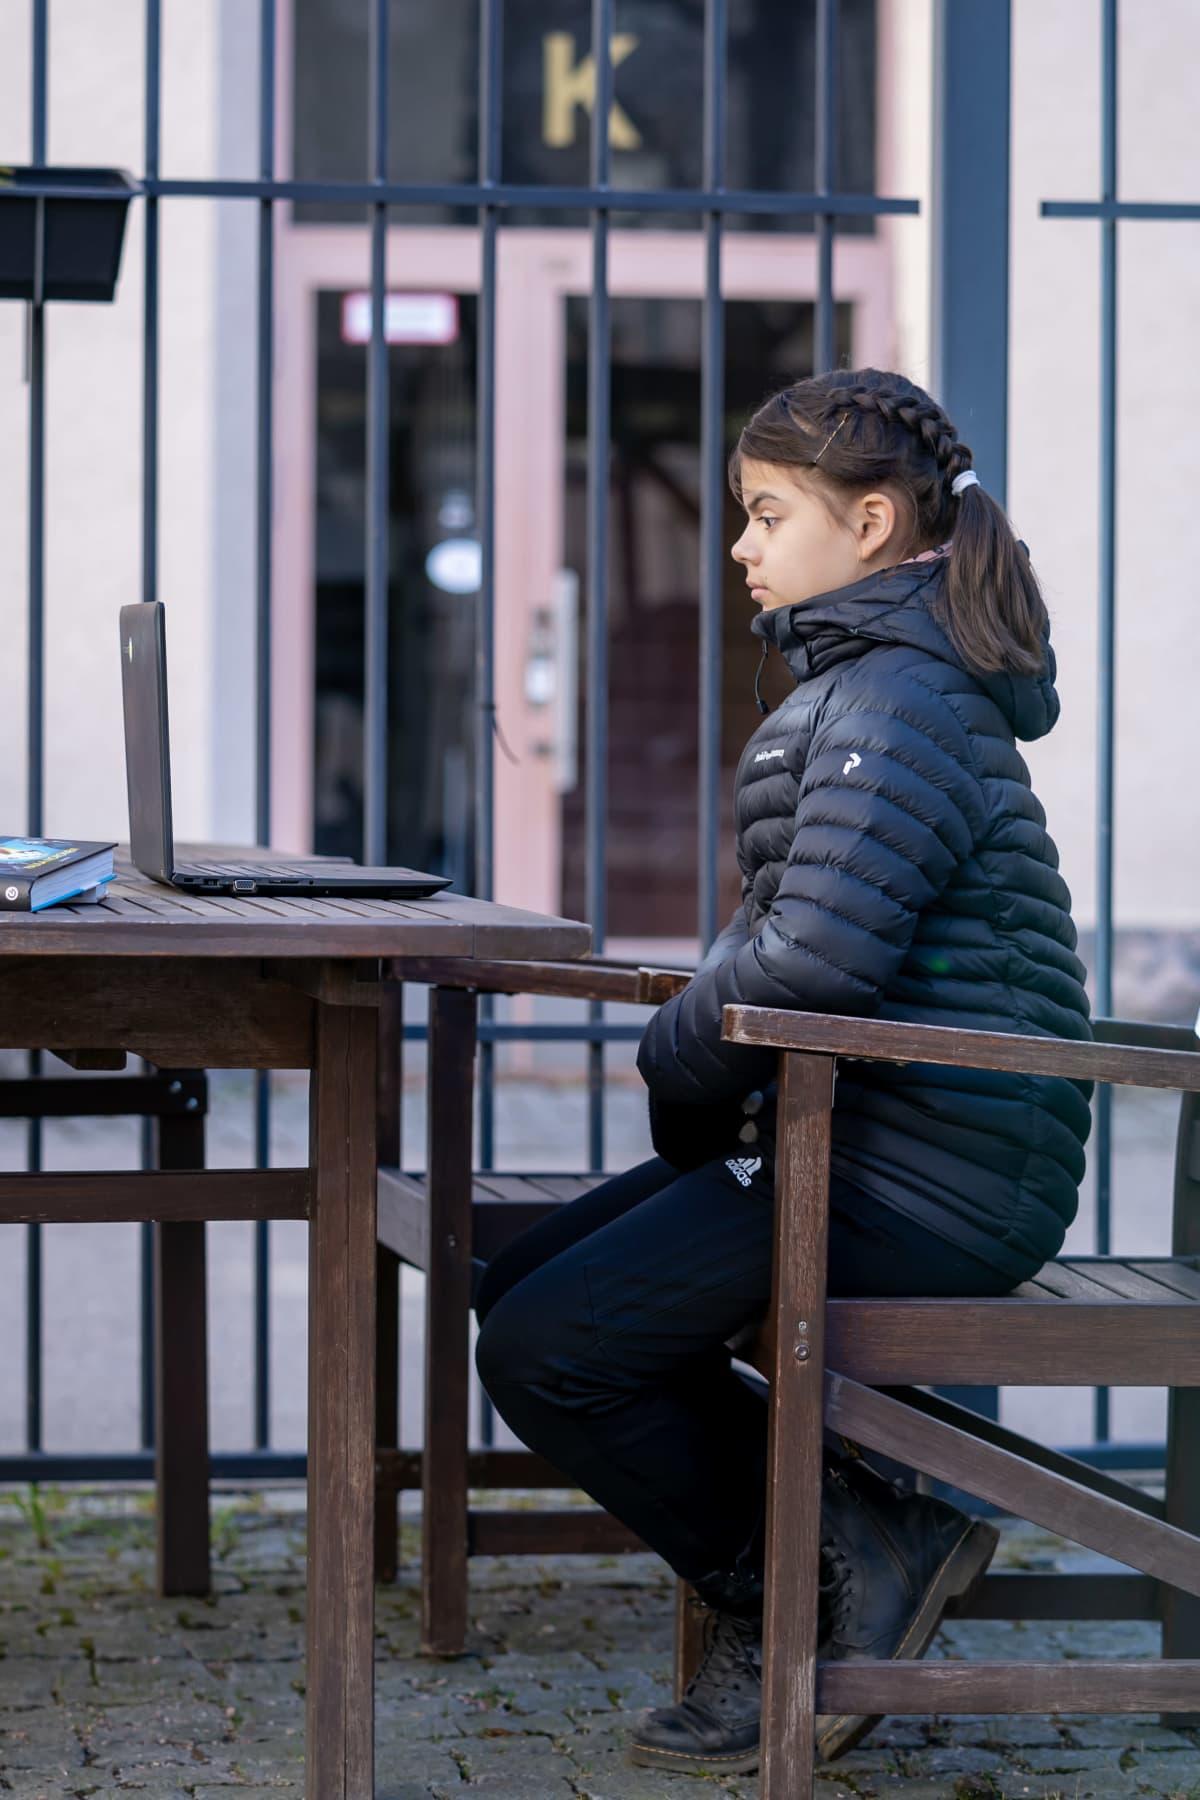 Koululainen Linnea Rimminen seuraamassa kirjailija Paula Norosen virtuaalivierailua kotinsa sisäpihalla, Vallila, Helsinki, 8.4.2020.